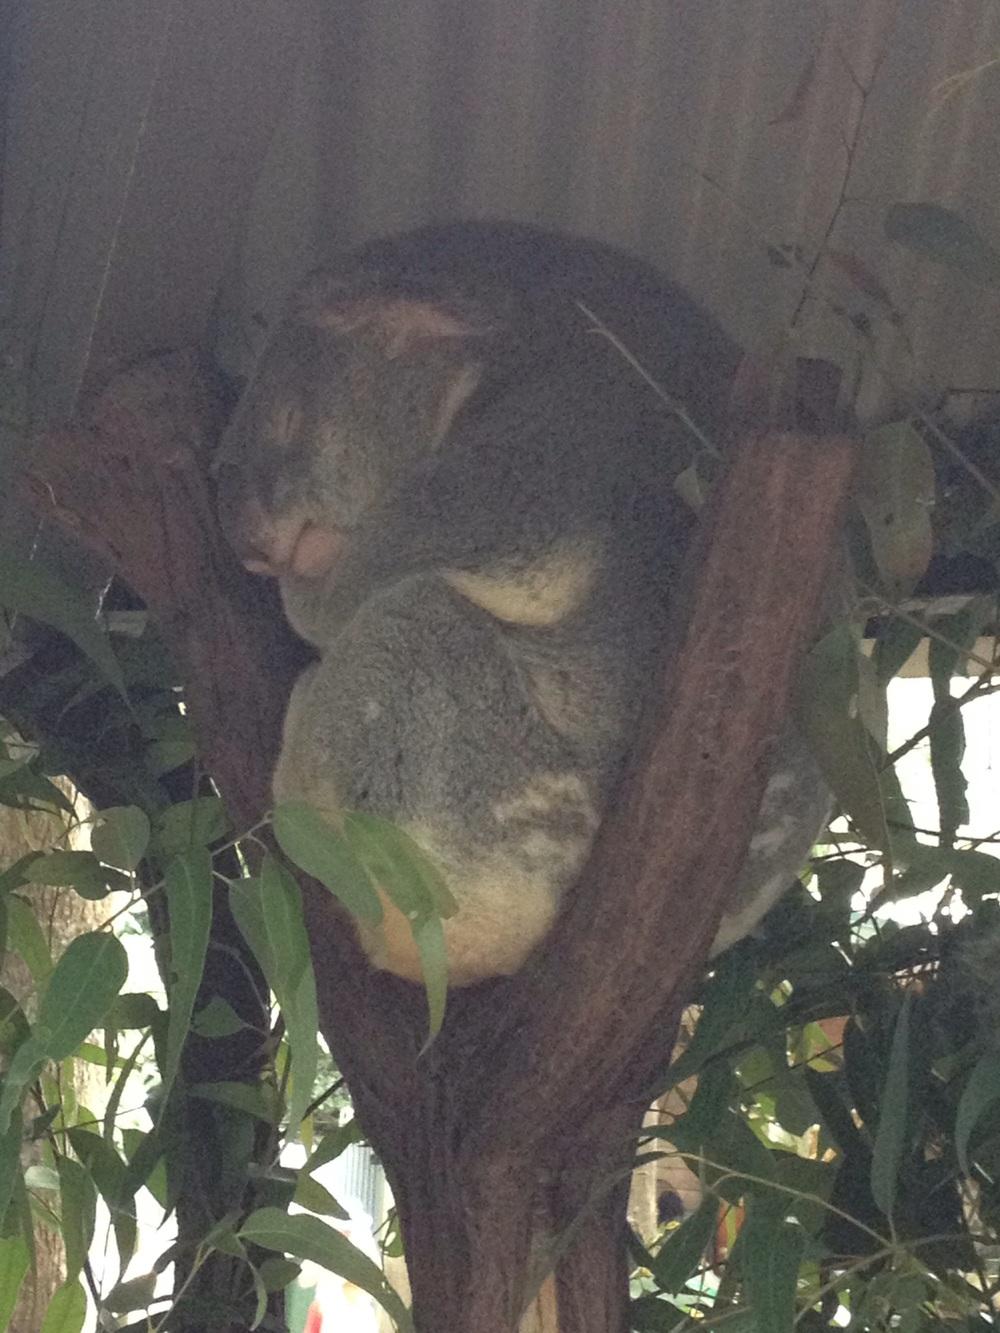 More koala!